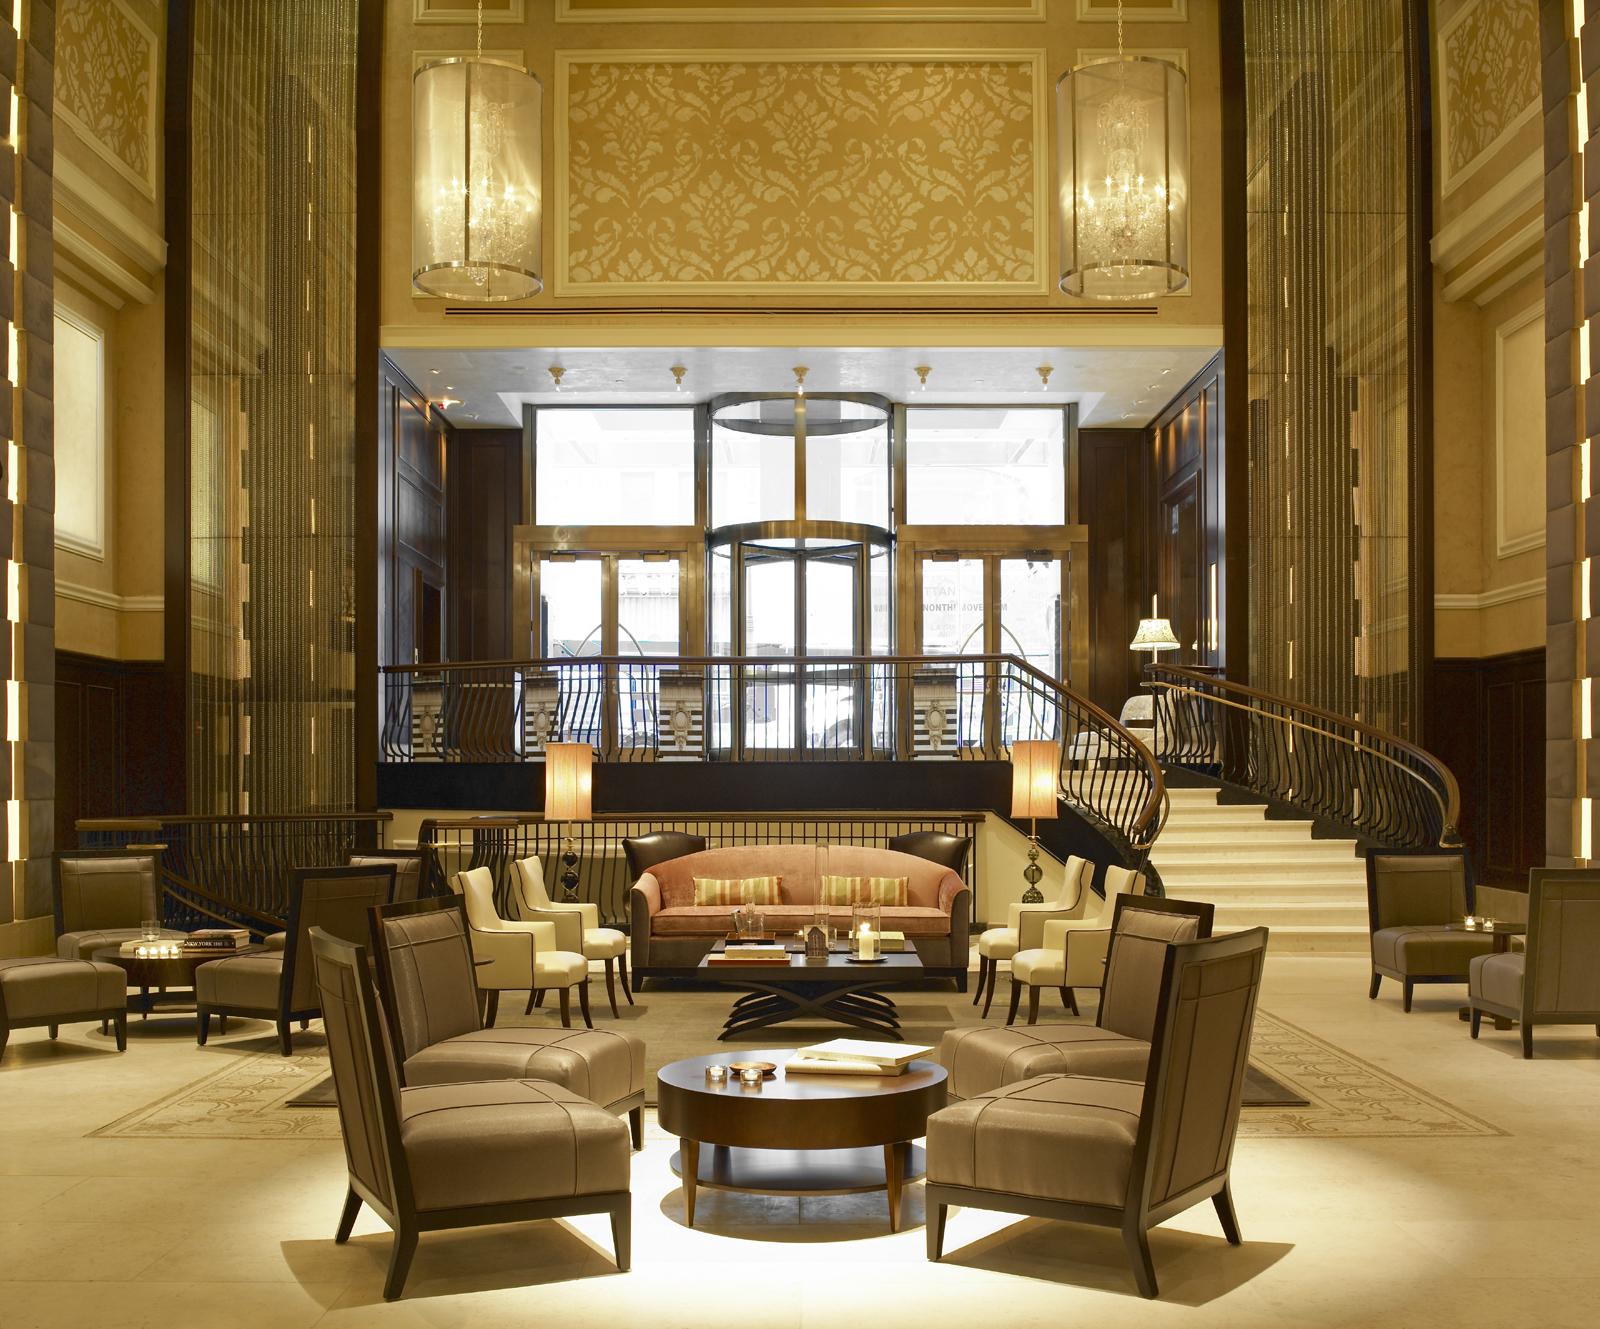 Строгий, классический стиль в оформлении гостиничного холла